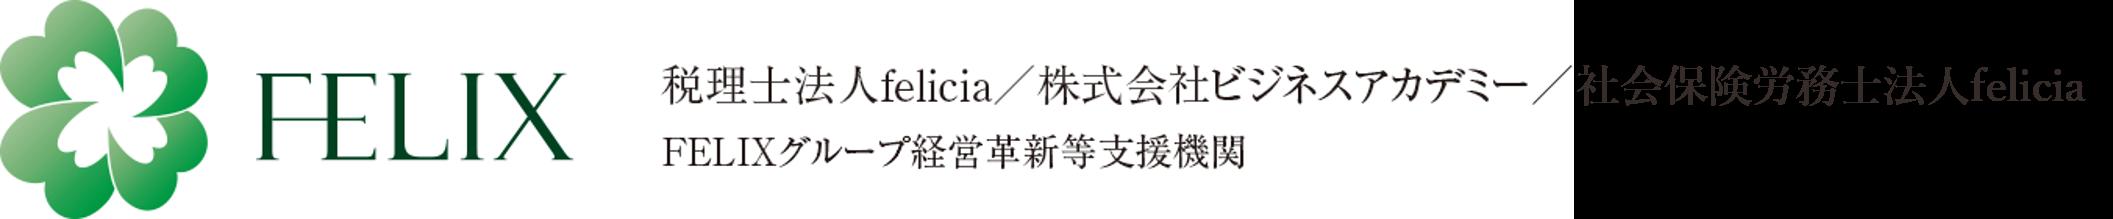 税理士法人felicia/株式会社ビジネスアカデミー/社会保険労務士法人felicia FELIXグループ経営革新等支援機関